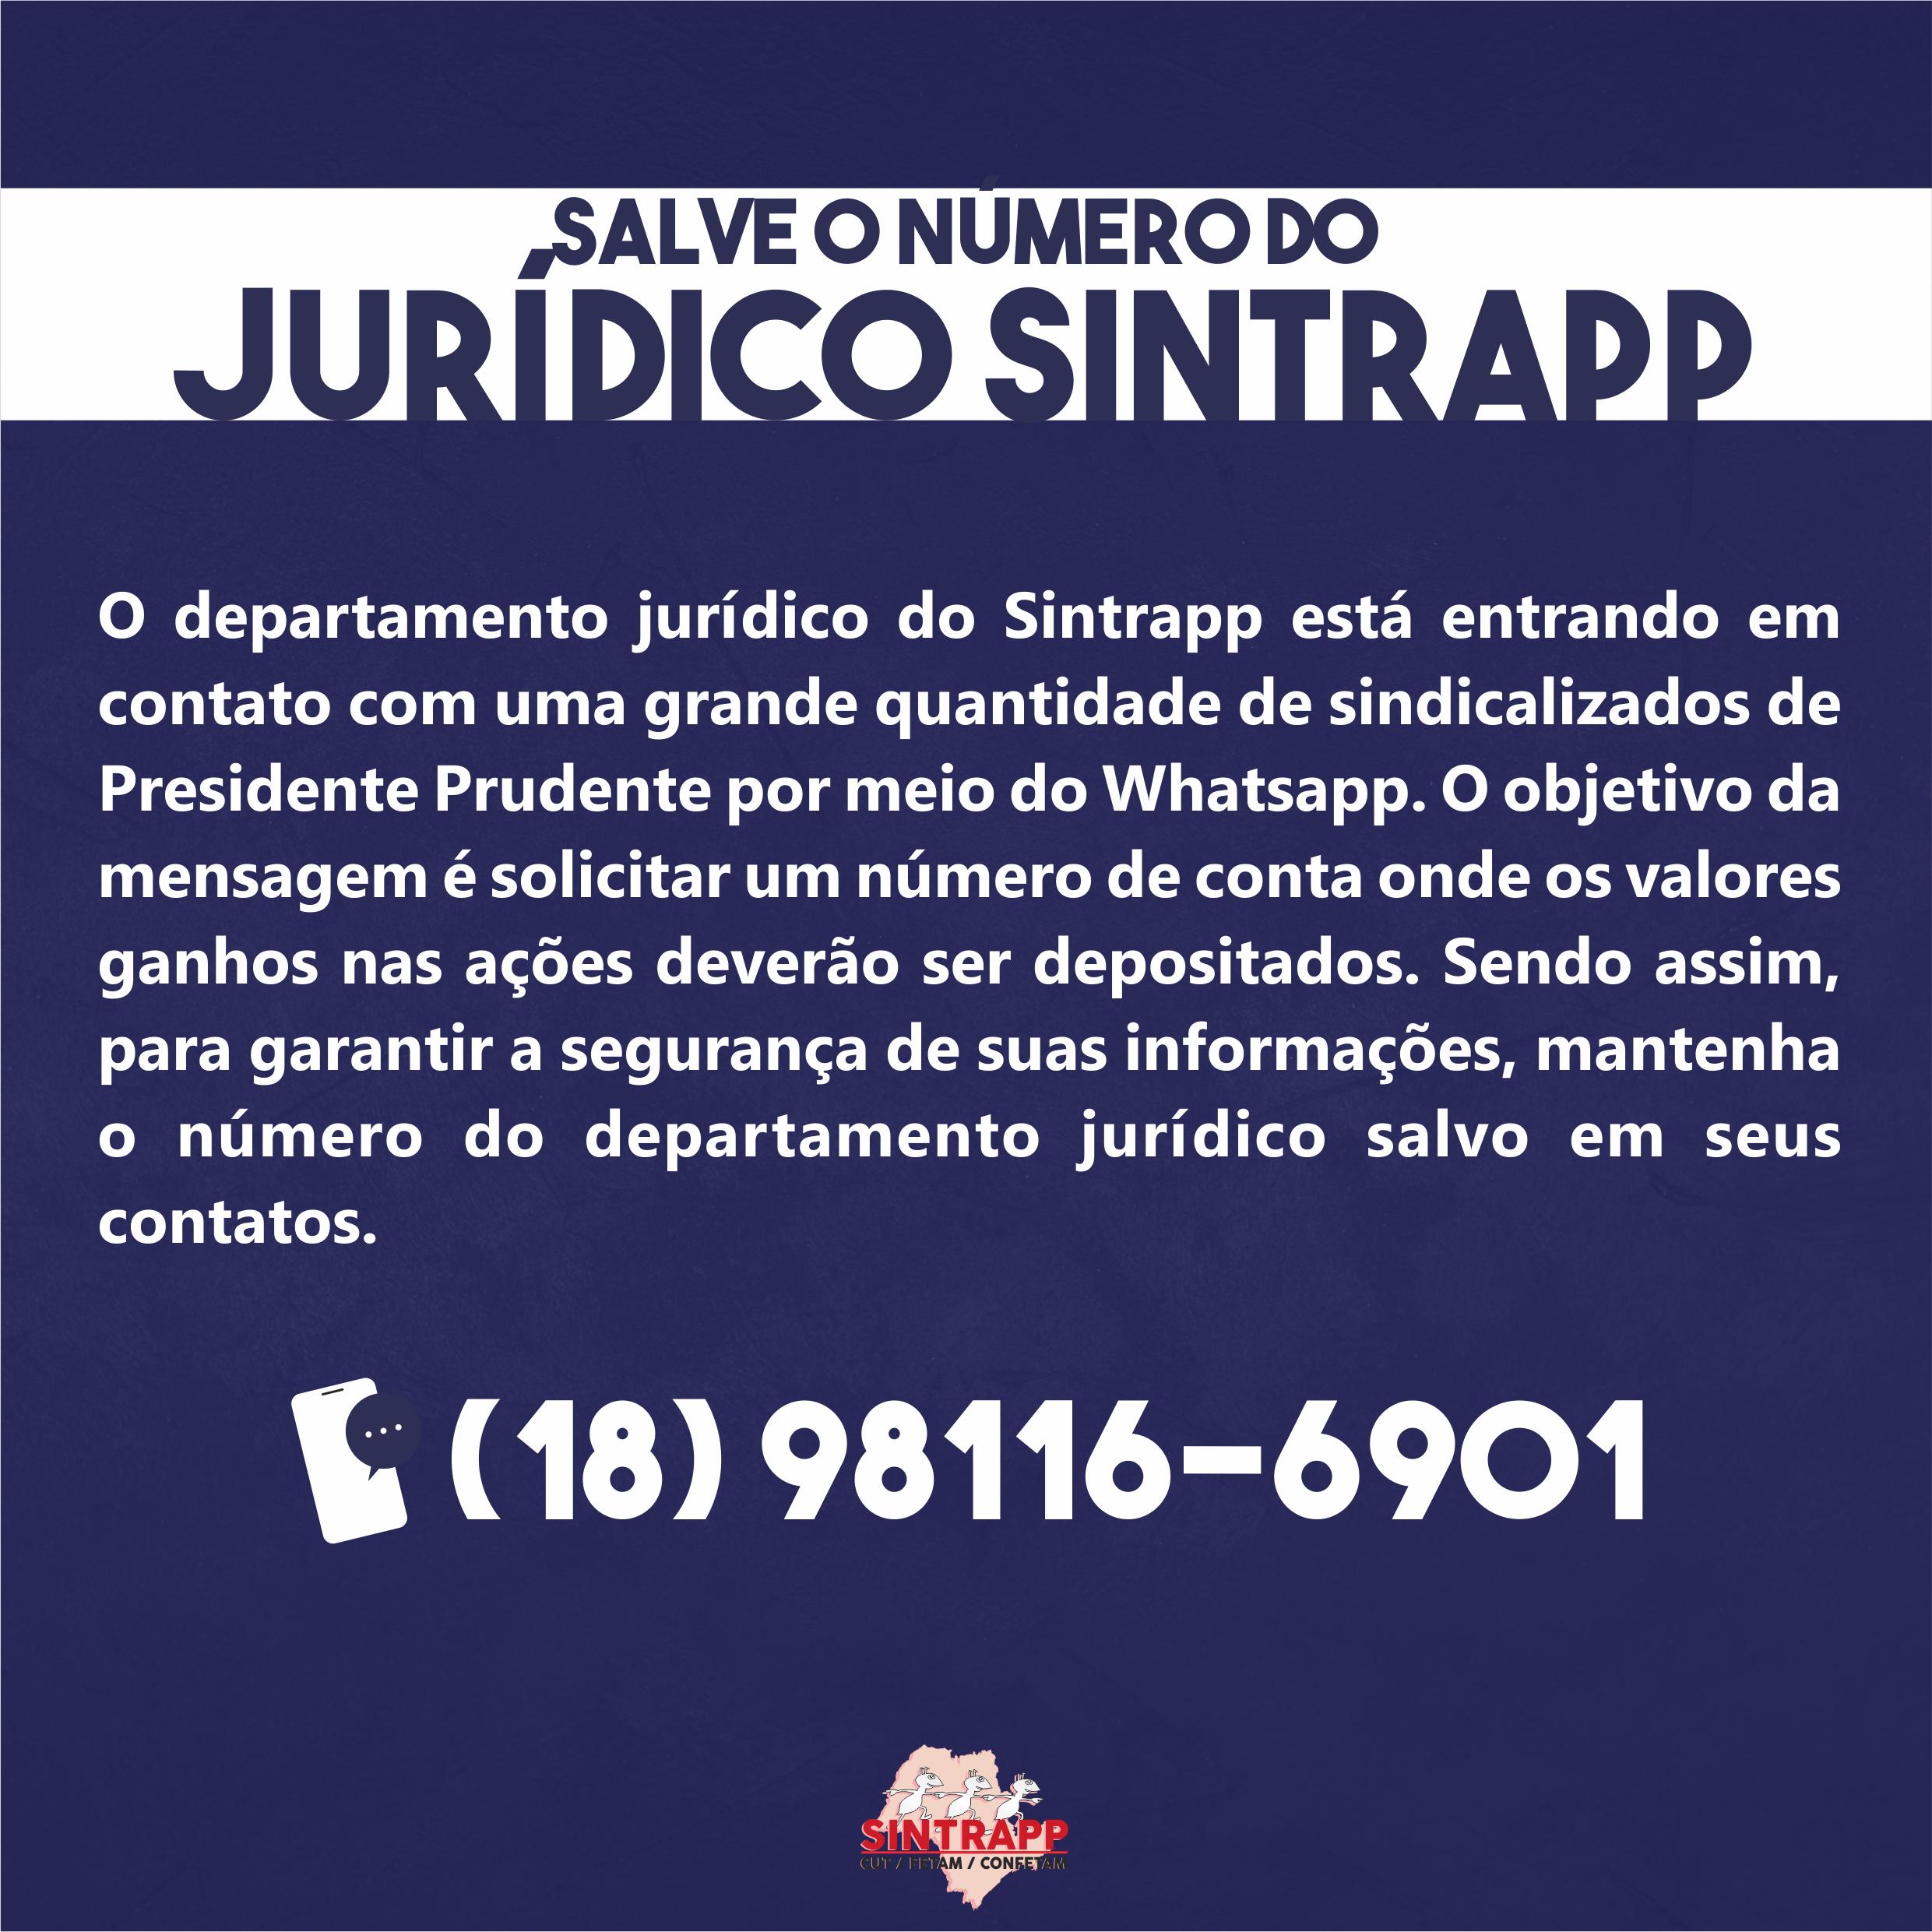 Informe do departamento jurídico / Contato Whatsapp